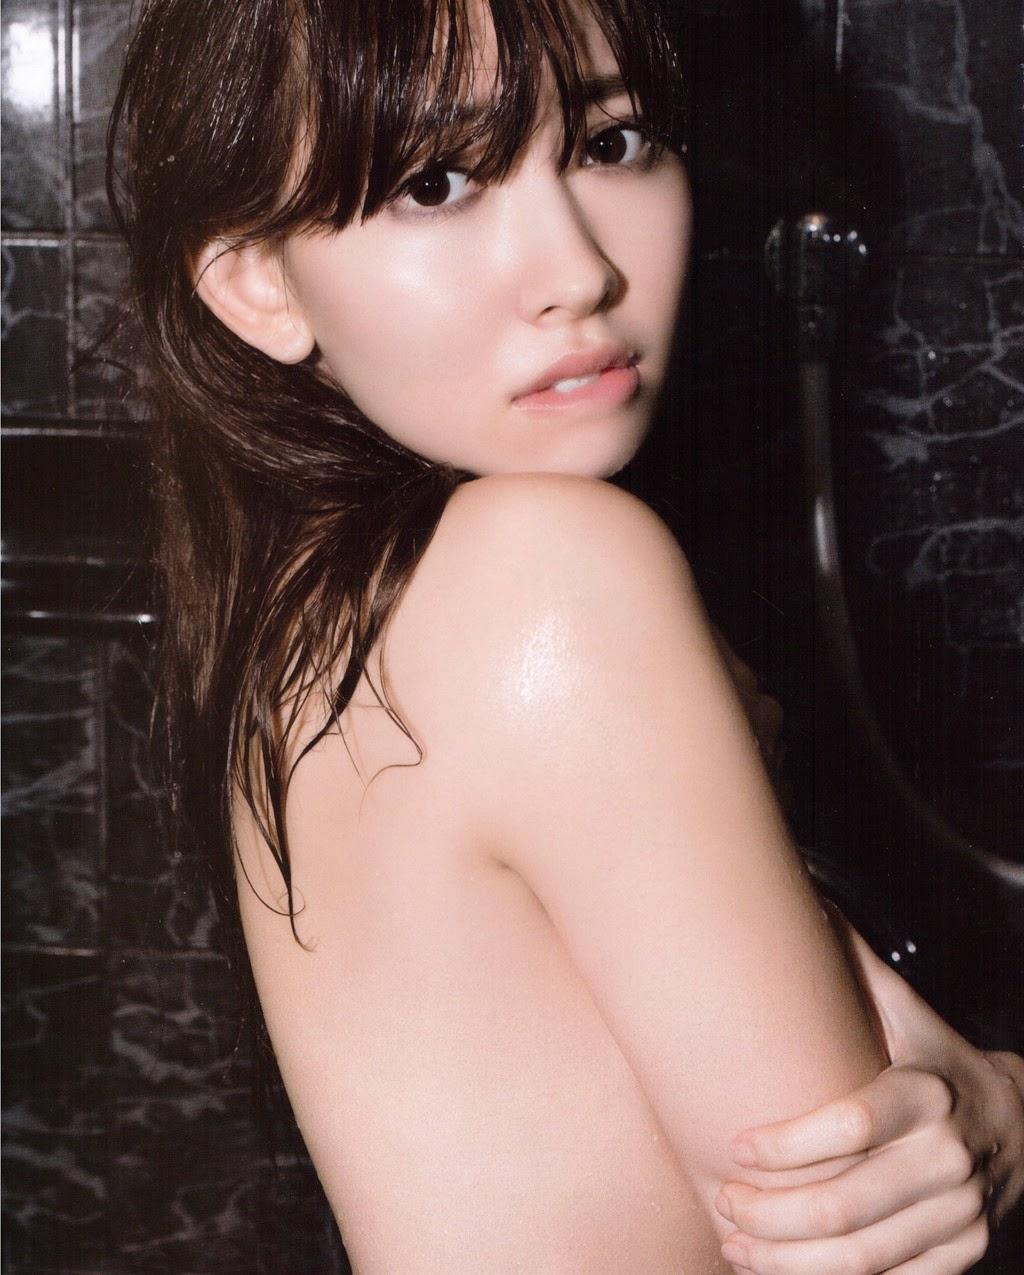 小嶋陽菜 どうする Kojima Haruna Foto Fanpop